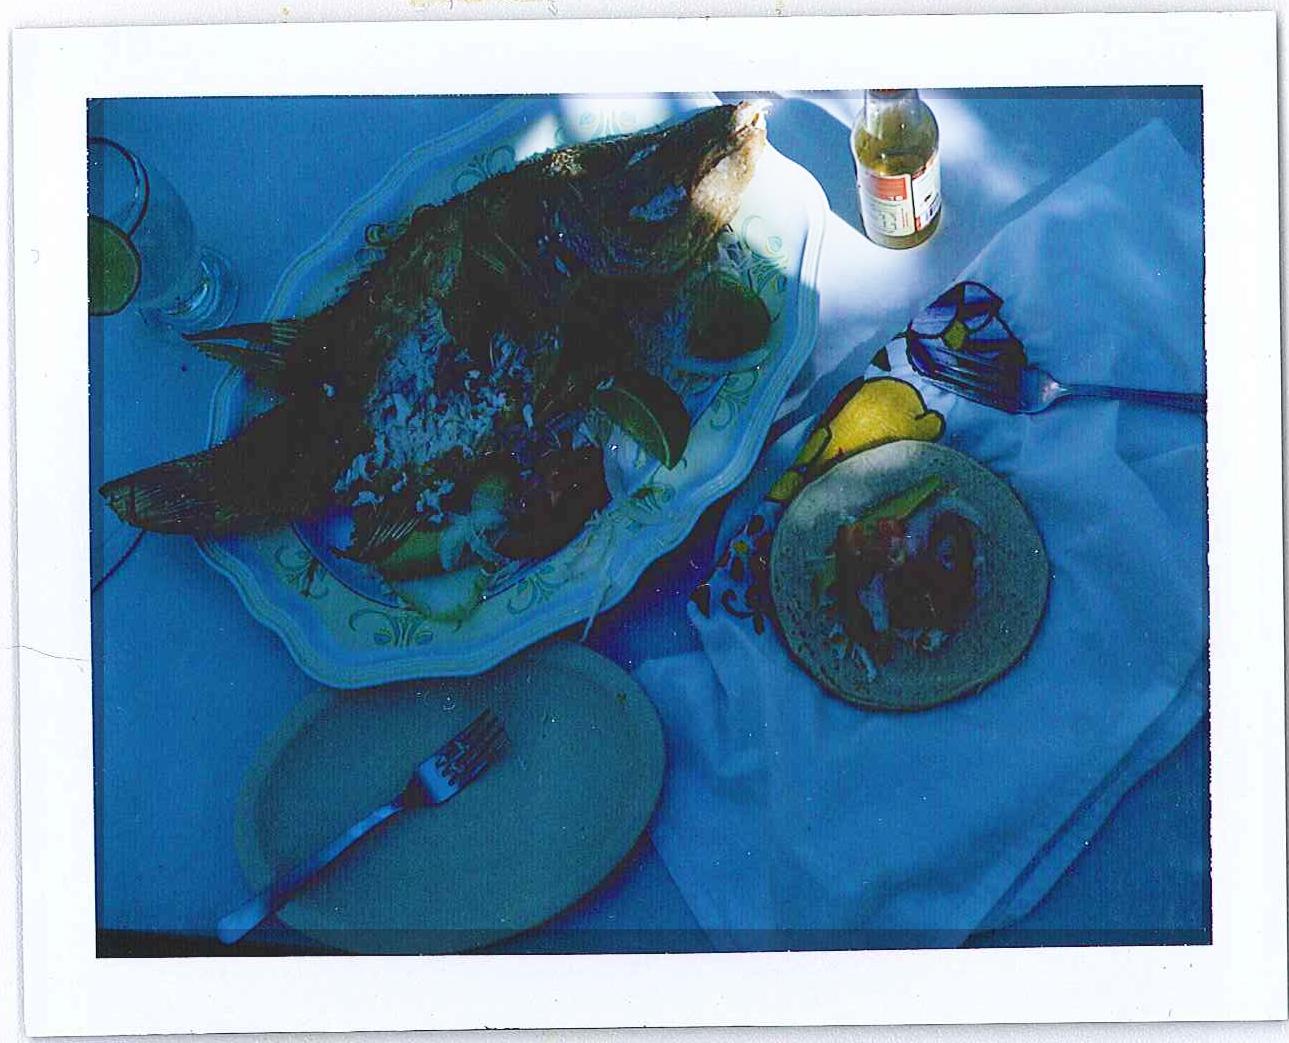 fish-pola.jpg